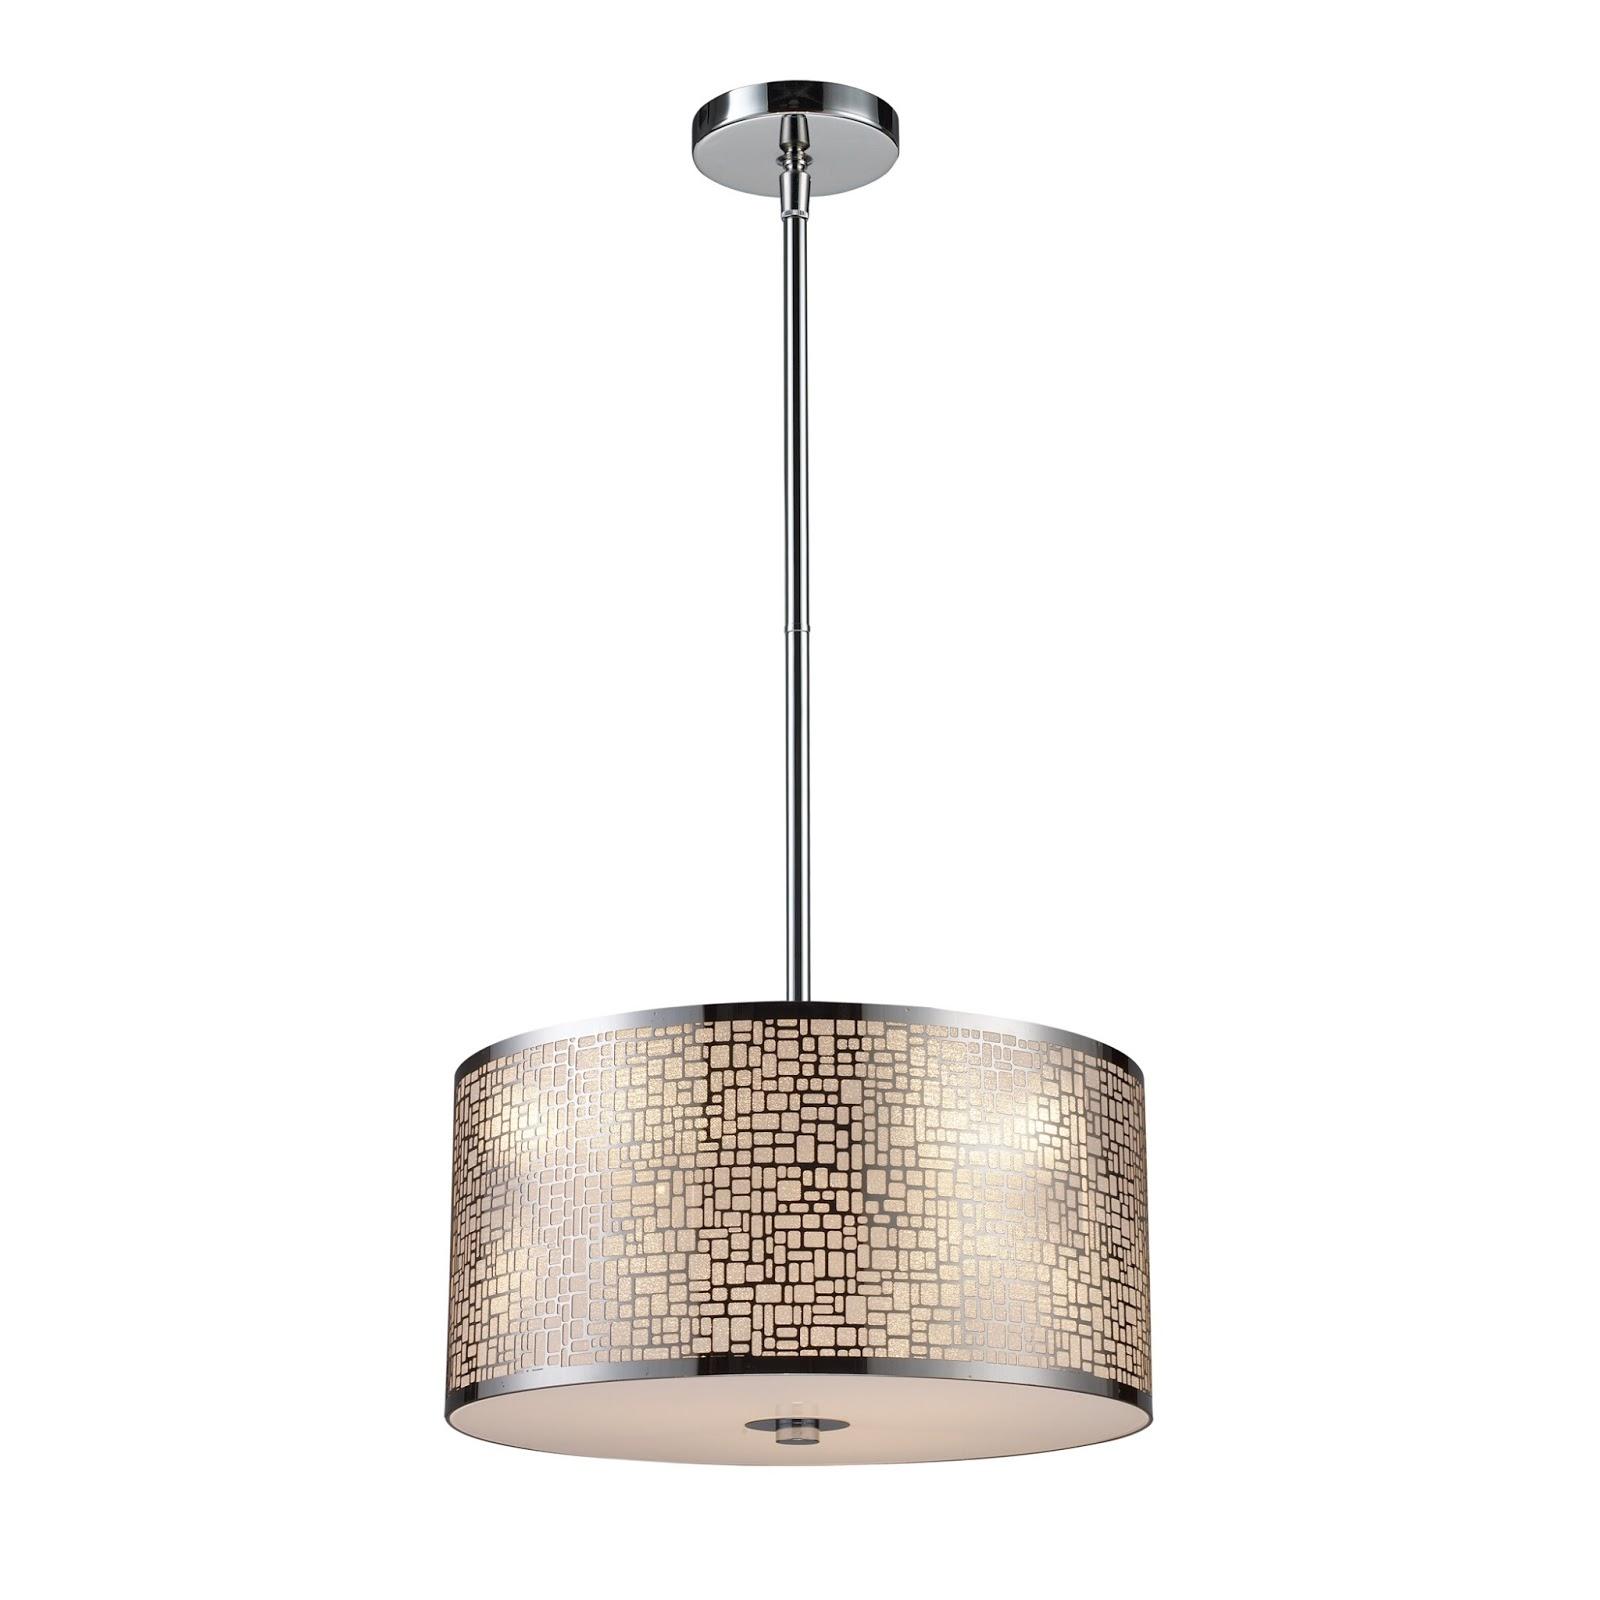 Elk Lighting Medina: Stainless Steel Pendant Light